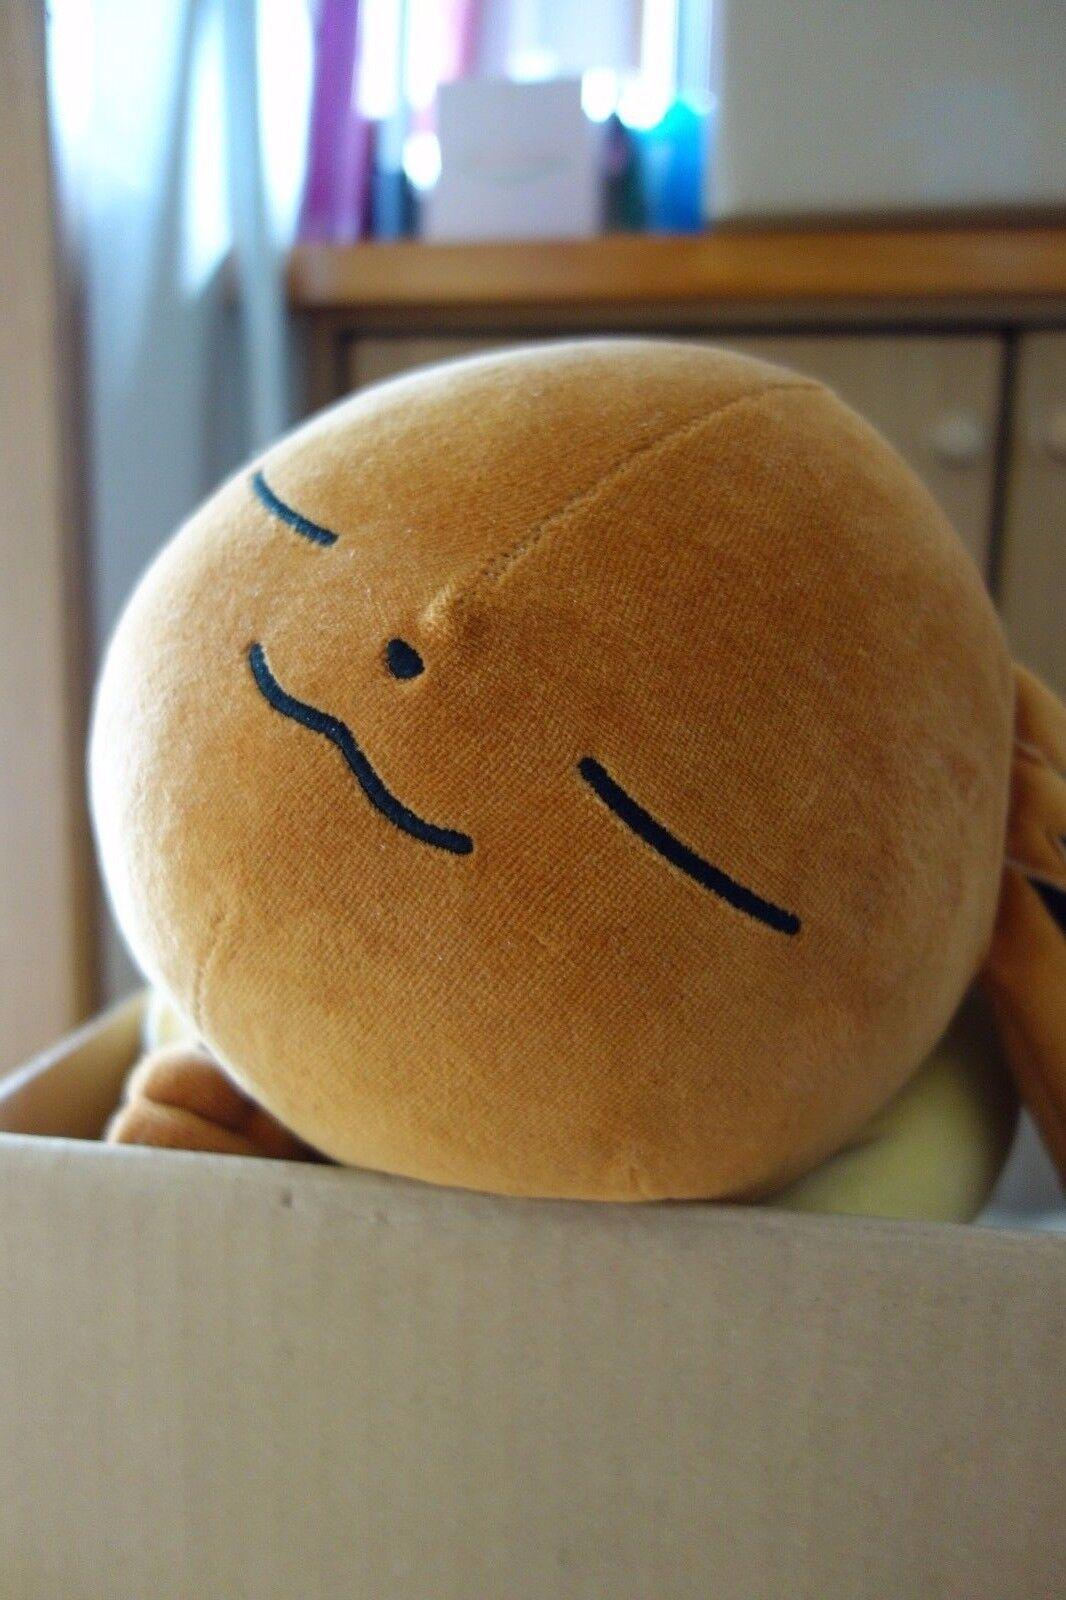 Eevee Colección 2018 Pokemon Center Ltd suyasuya DORMIR FELPA Toalla De Pikachu